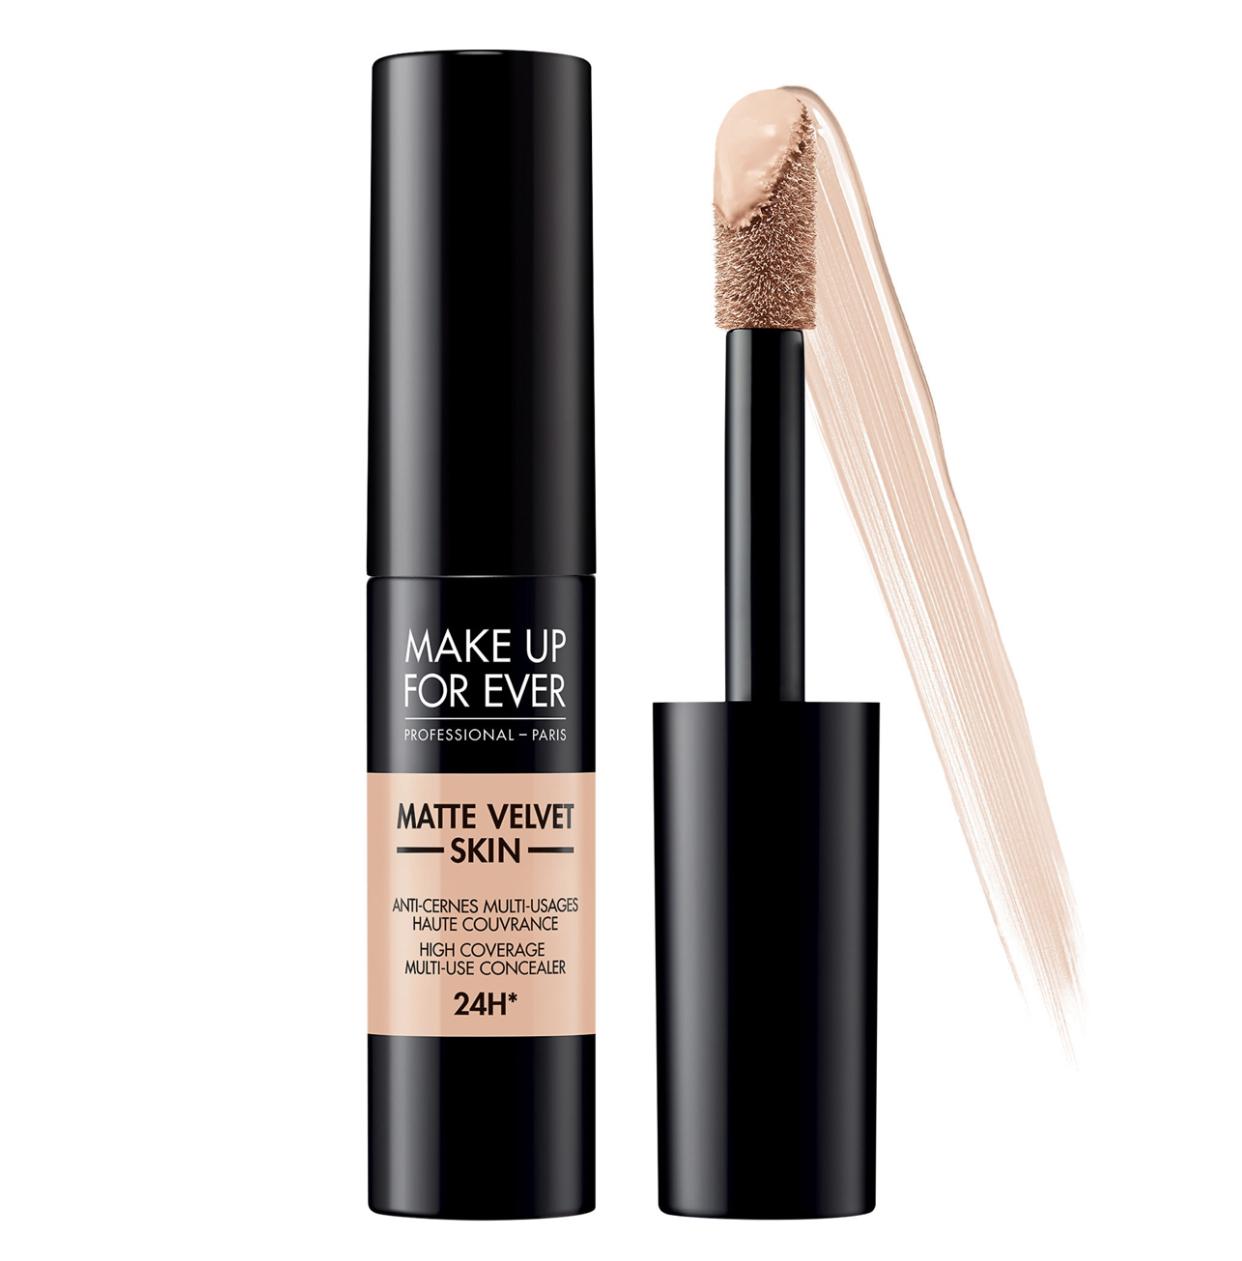 Makeup Forever Matte Velvet Skin High Coverage Multi-Use Concealer